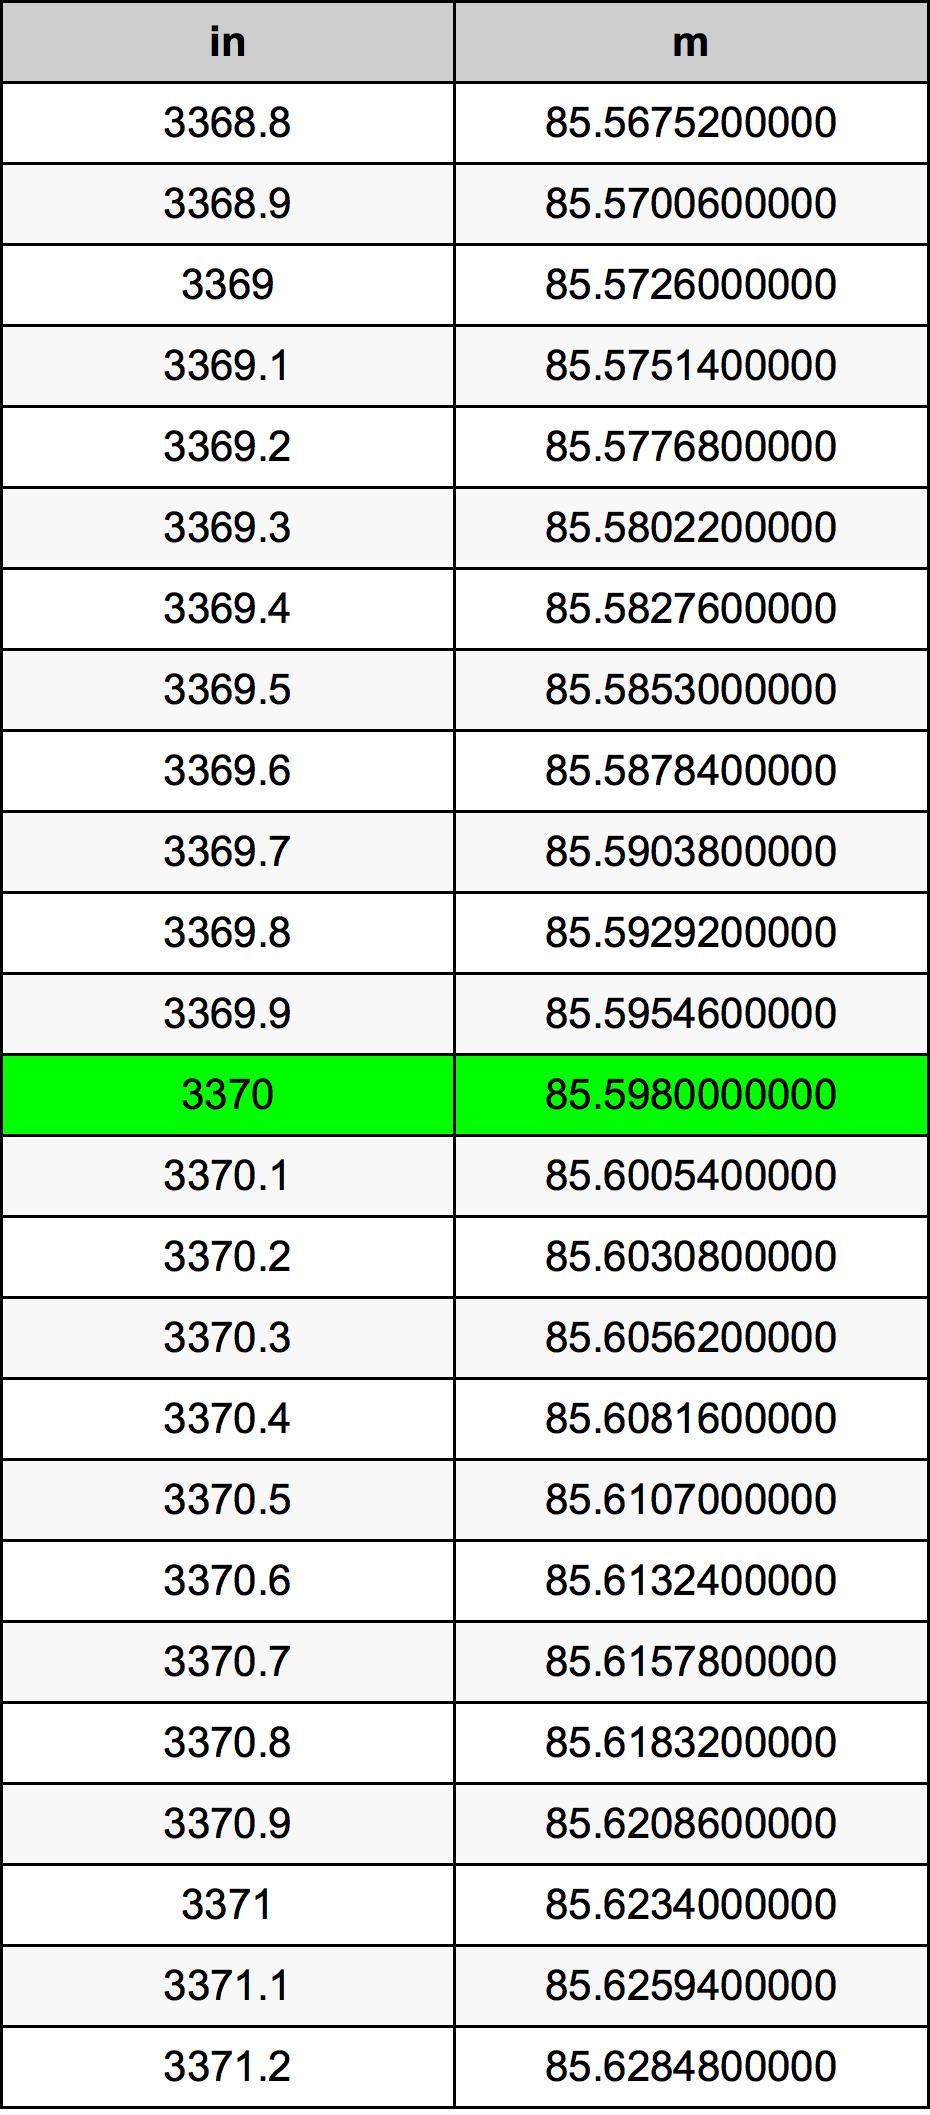 3370 인치 변환 표